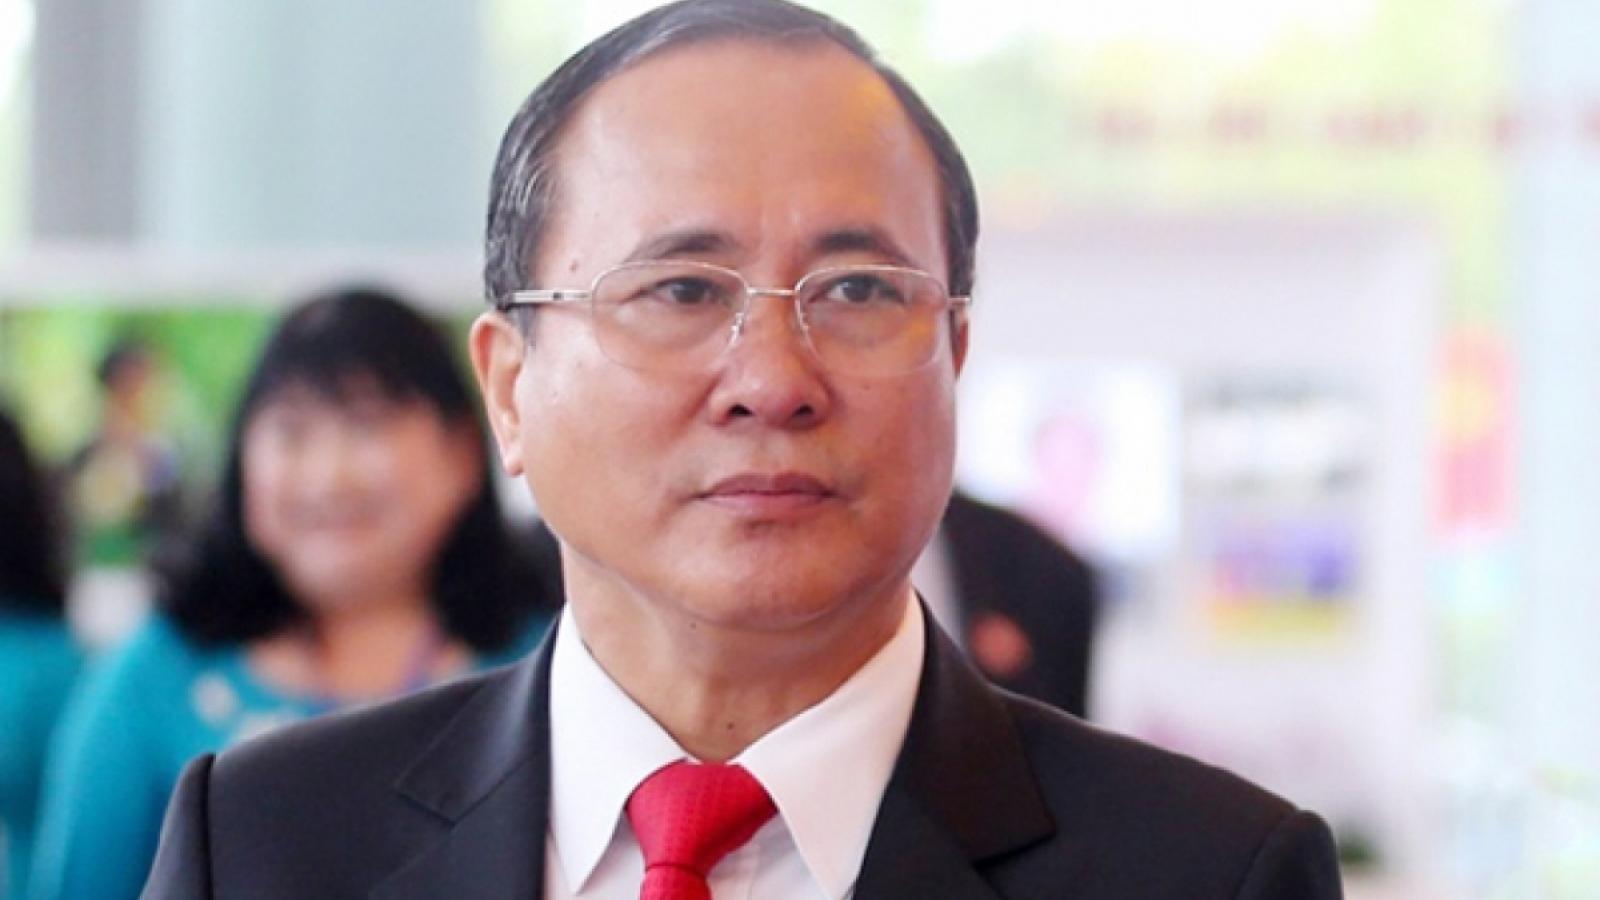 Cựu Bí thư Bình Dương Trần Văn Nam bị cáo buộc gây thiệt hại hơn 1.060 tỷ đồng